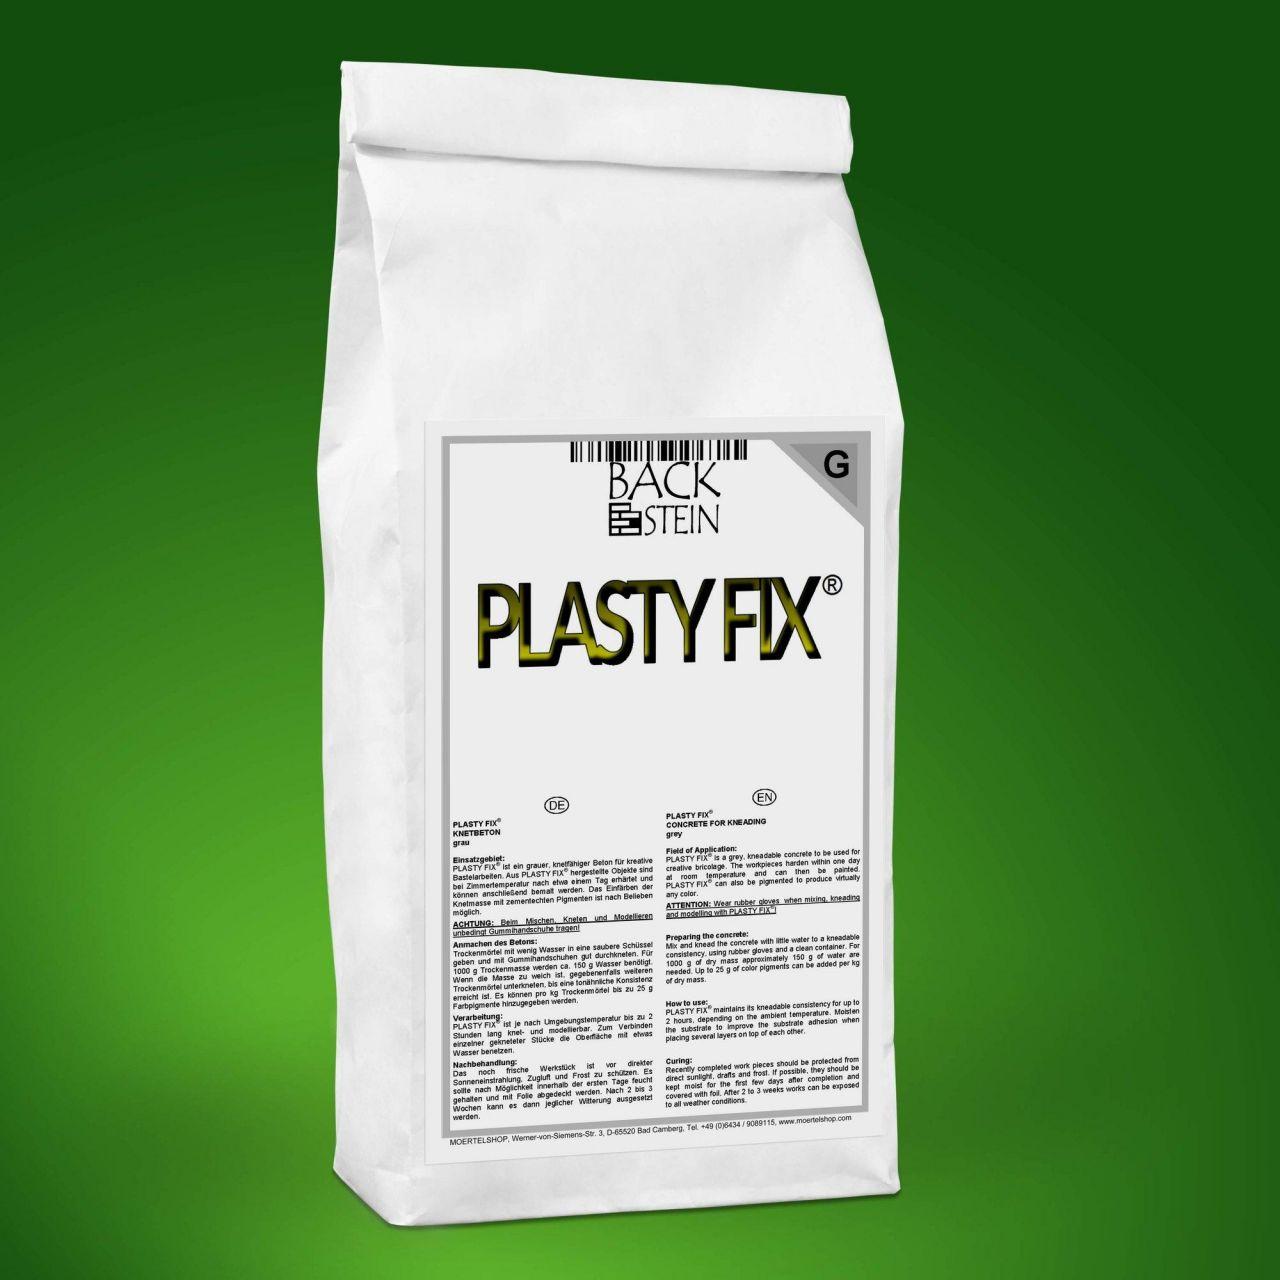 PLASTY FIX Knetbeton grau - Auswahl: 3kg